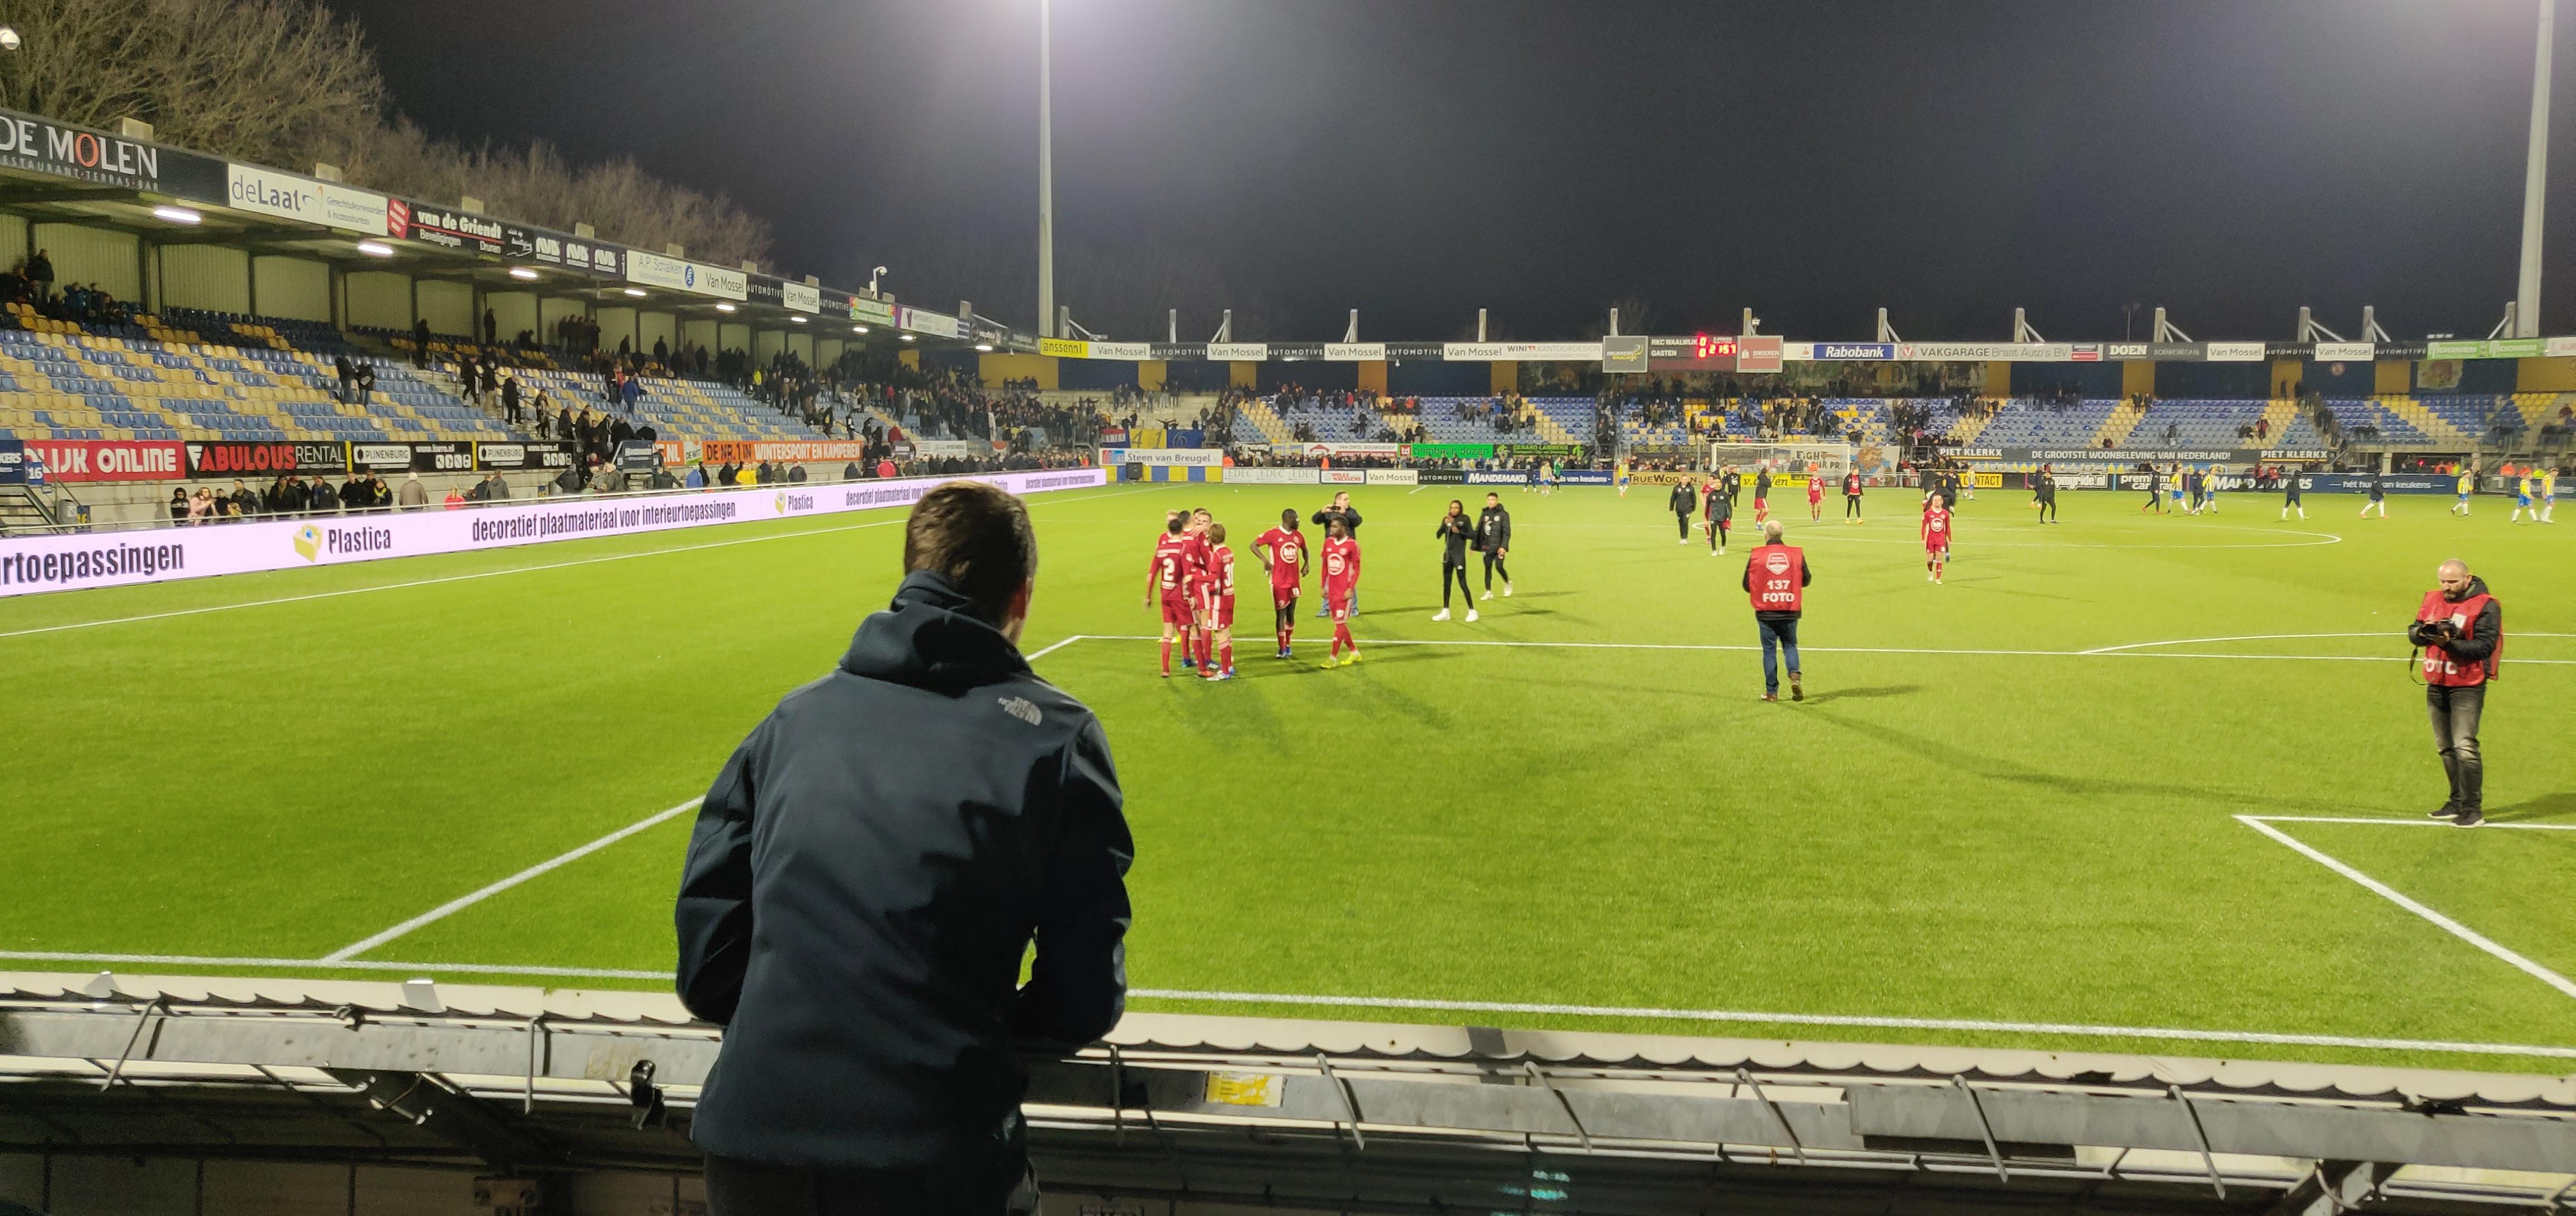 Away Day: RKC Waalwijk